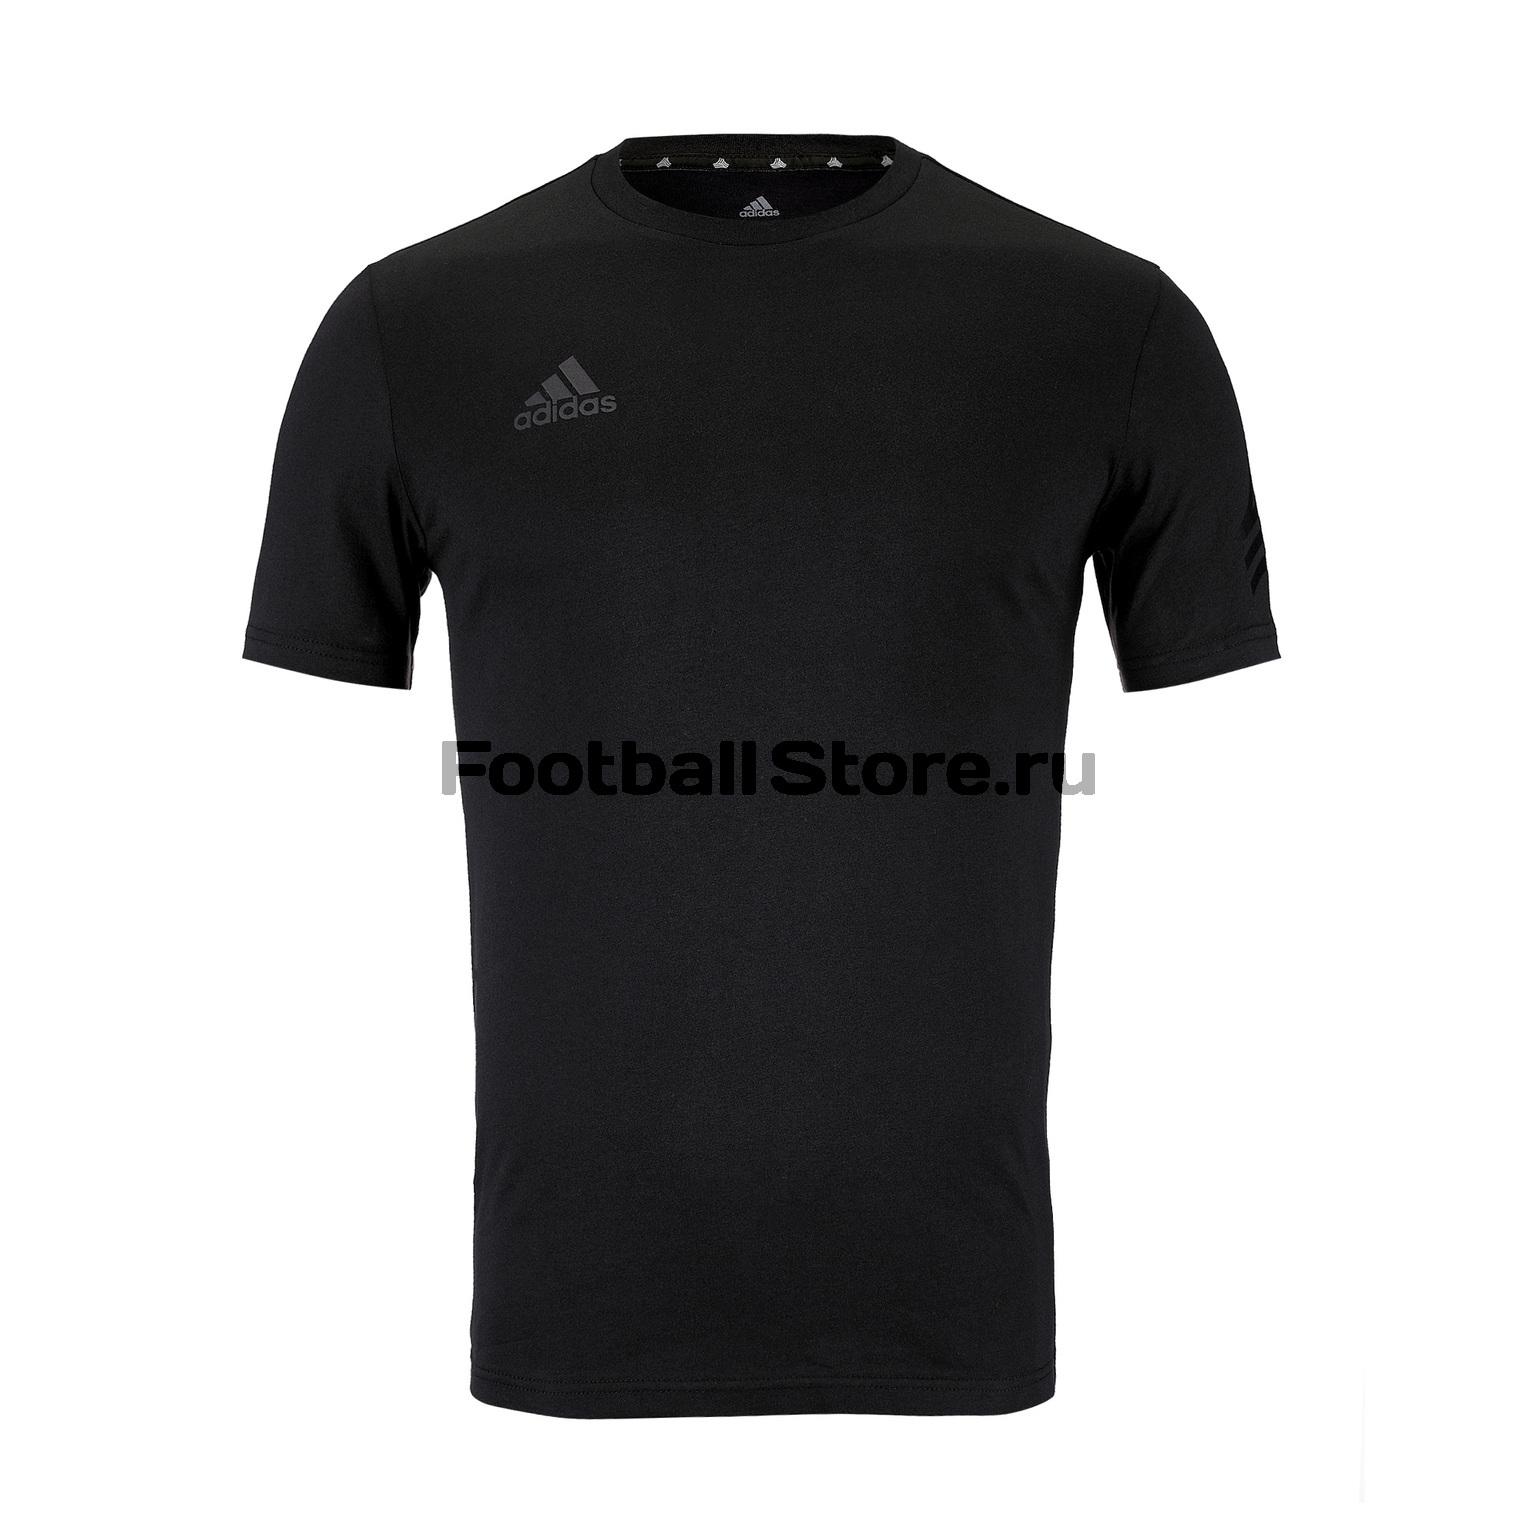 Футболка хлопковая Adidas Tan Logo Tee DX8264 футболка adidas con16 tee an9880